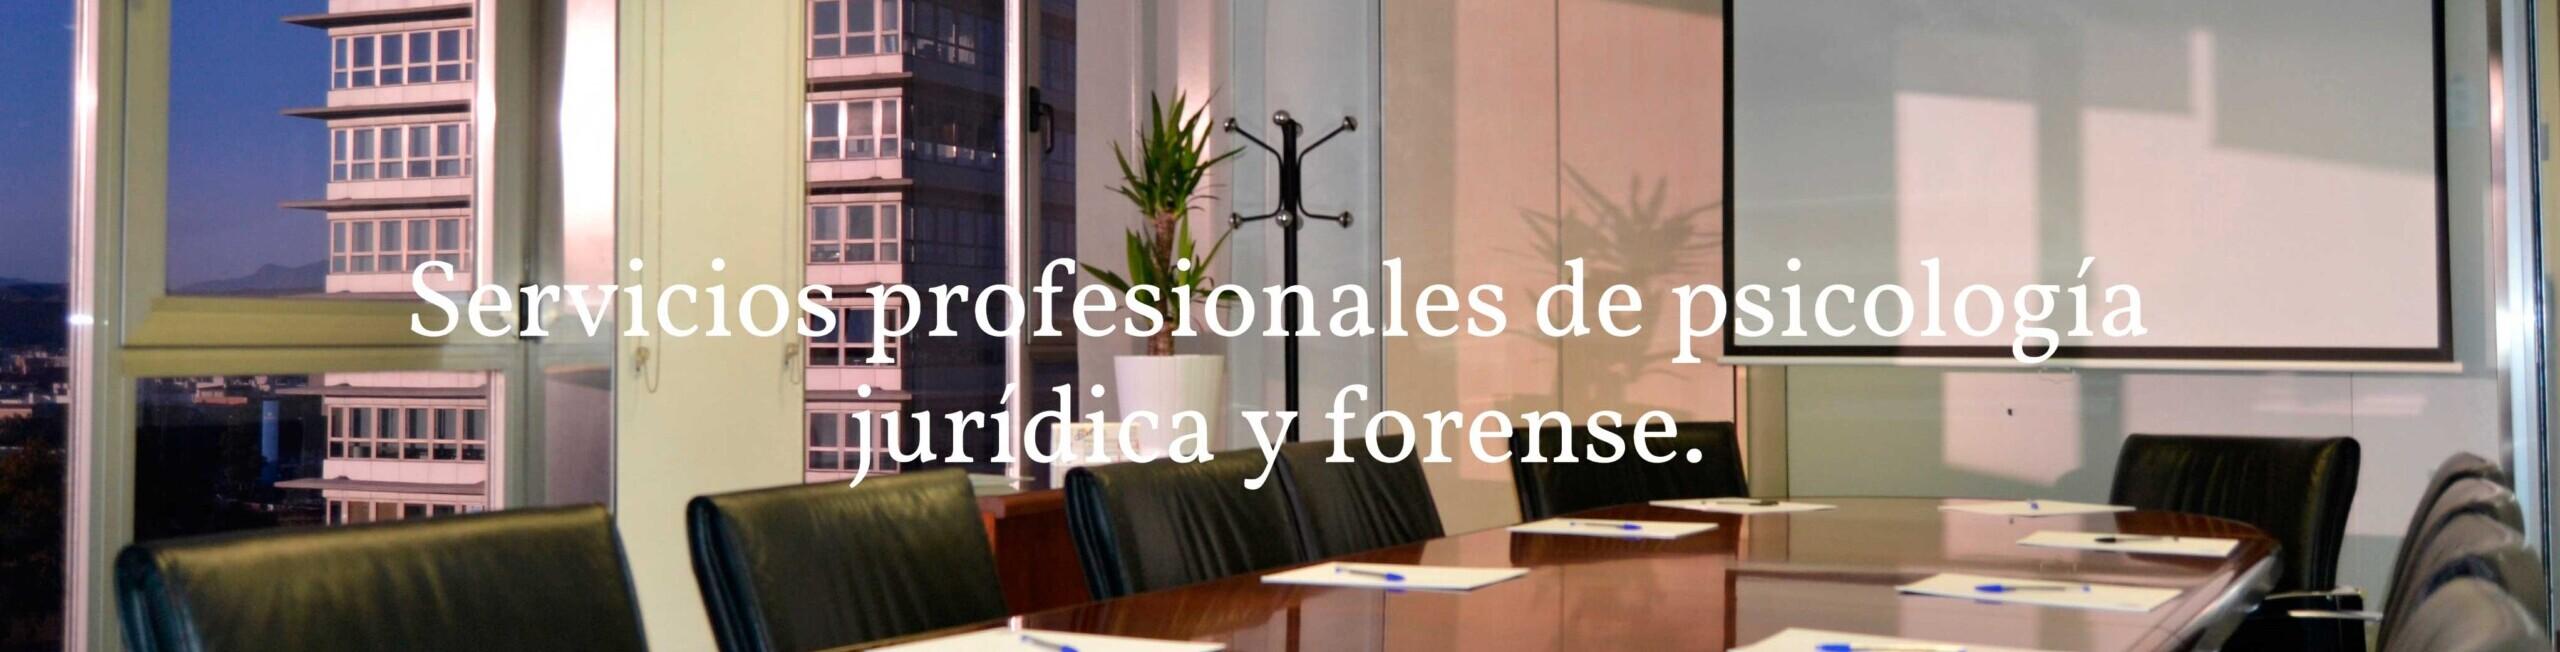 Servicios profesionales de Psicología Jurídica y Forense en Murcia